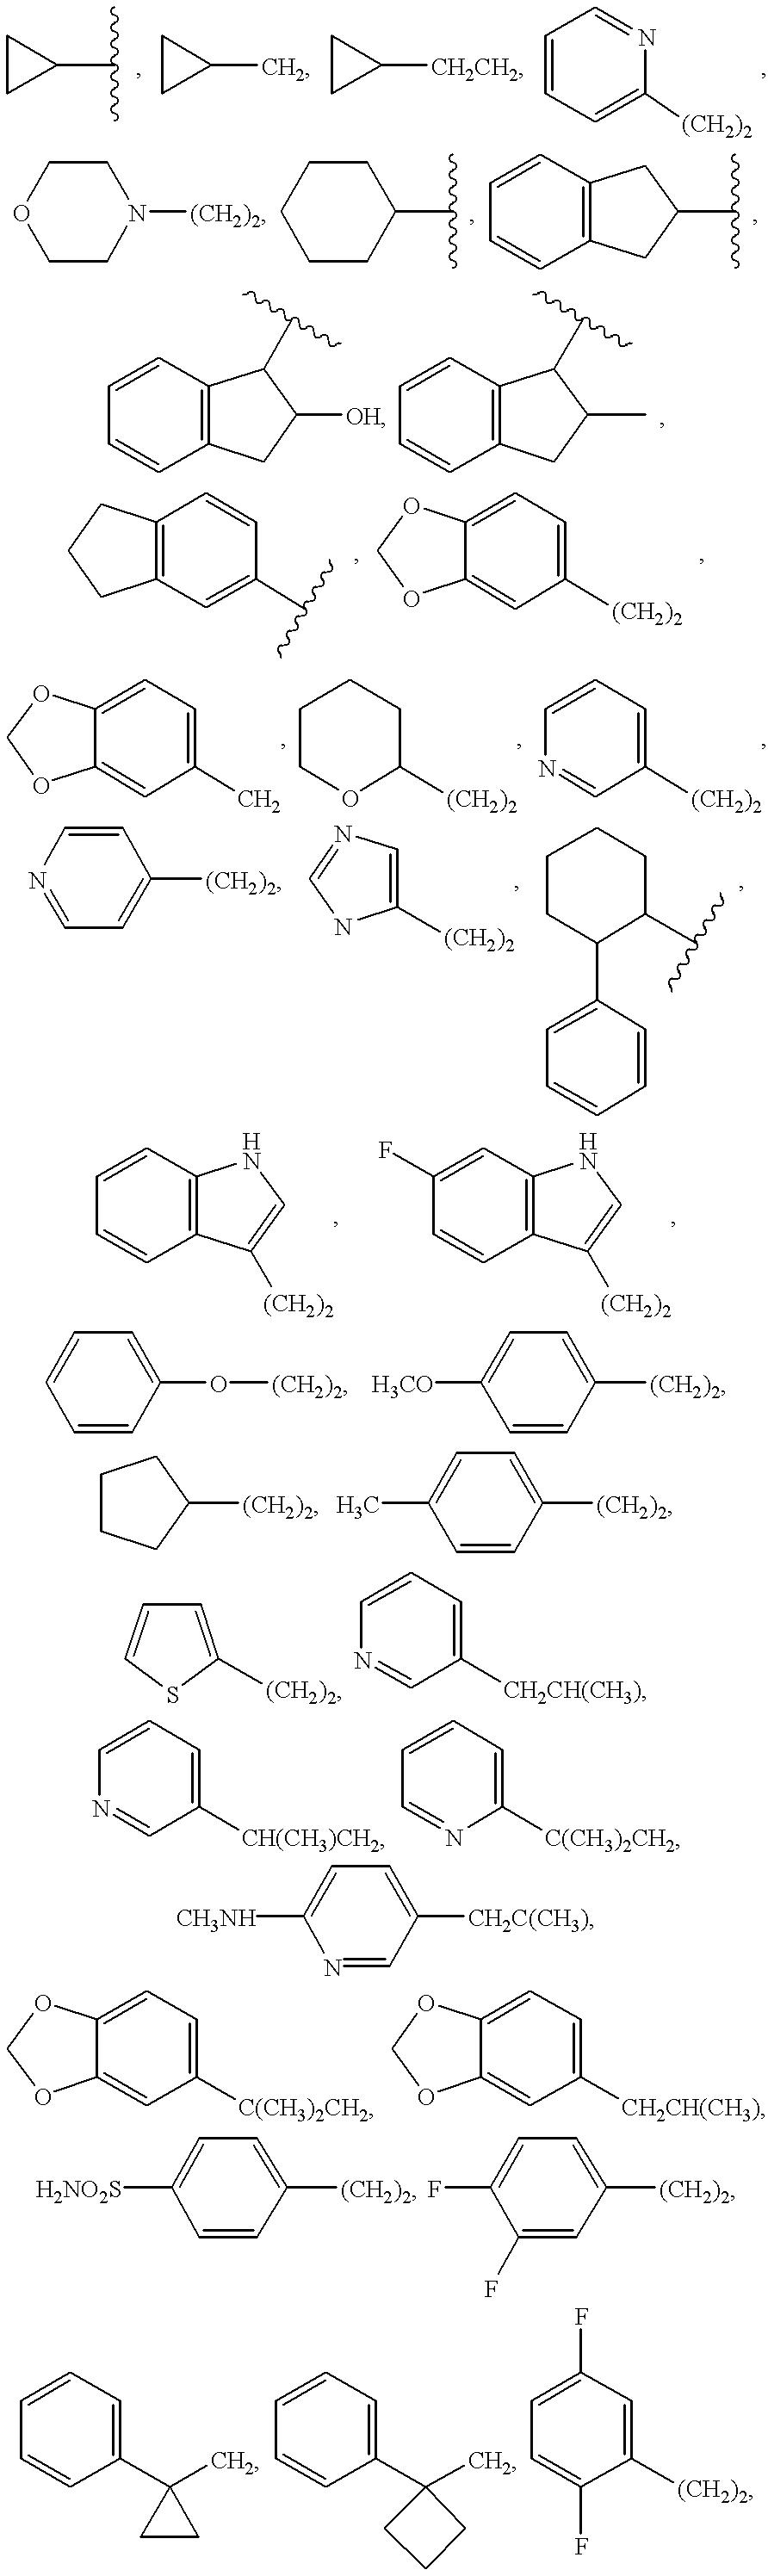 Figure US06204263-20010320-C00063